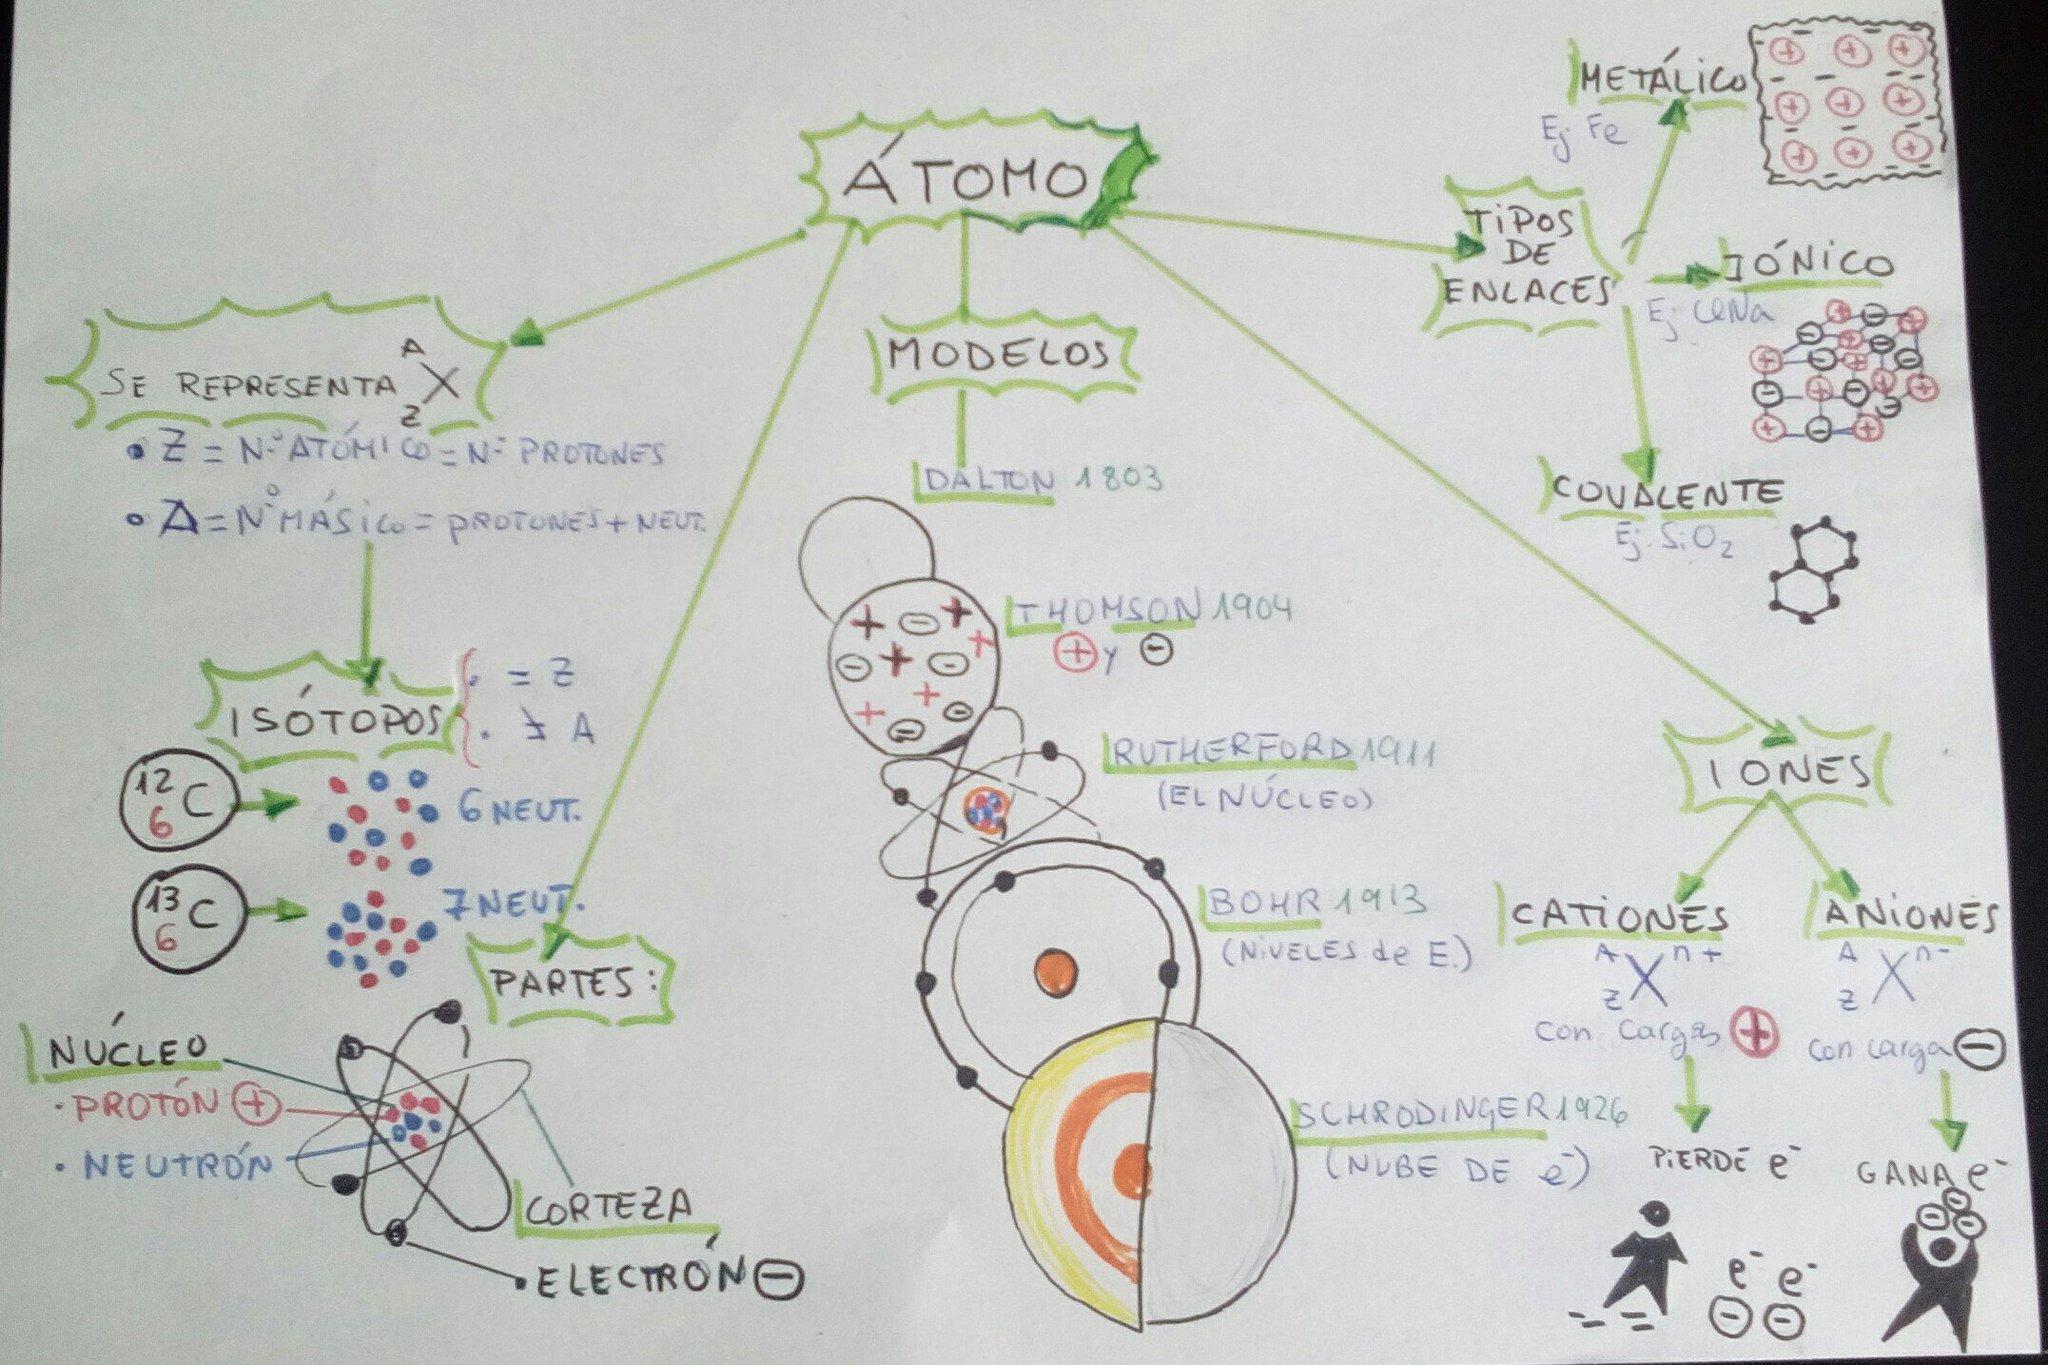 Aquí tenemos mi esquema gráfico de El átomo 2º ESO, maravillosa Química.🙂✏️📒   #PensarVisual https://t.co/oT3RHoCLzy